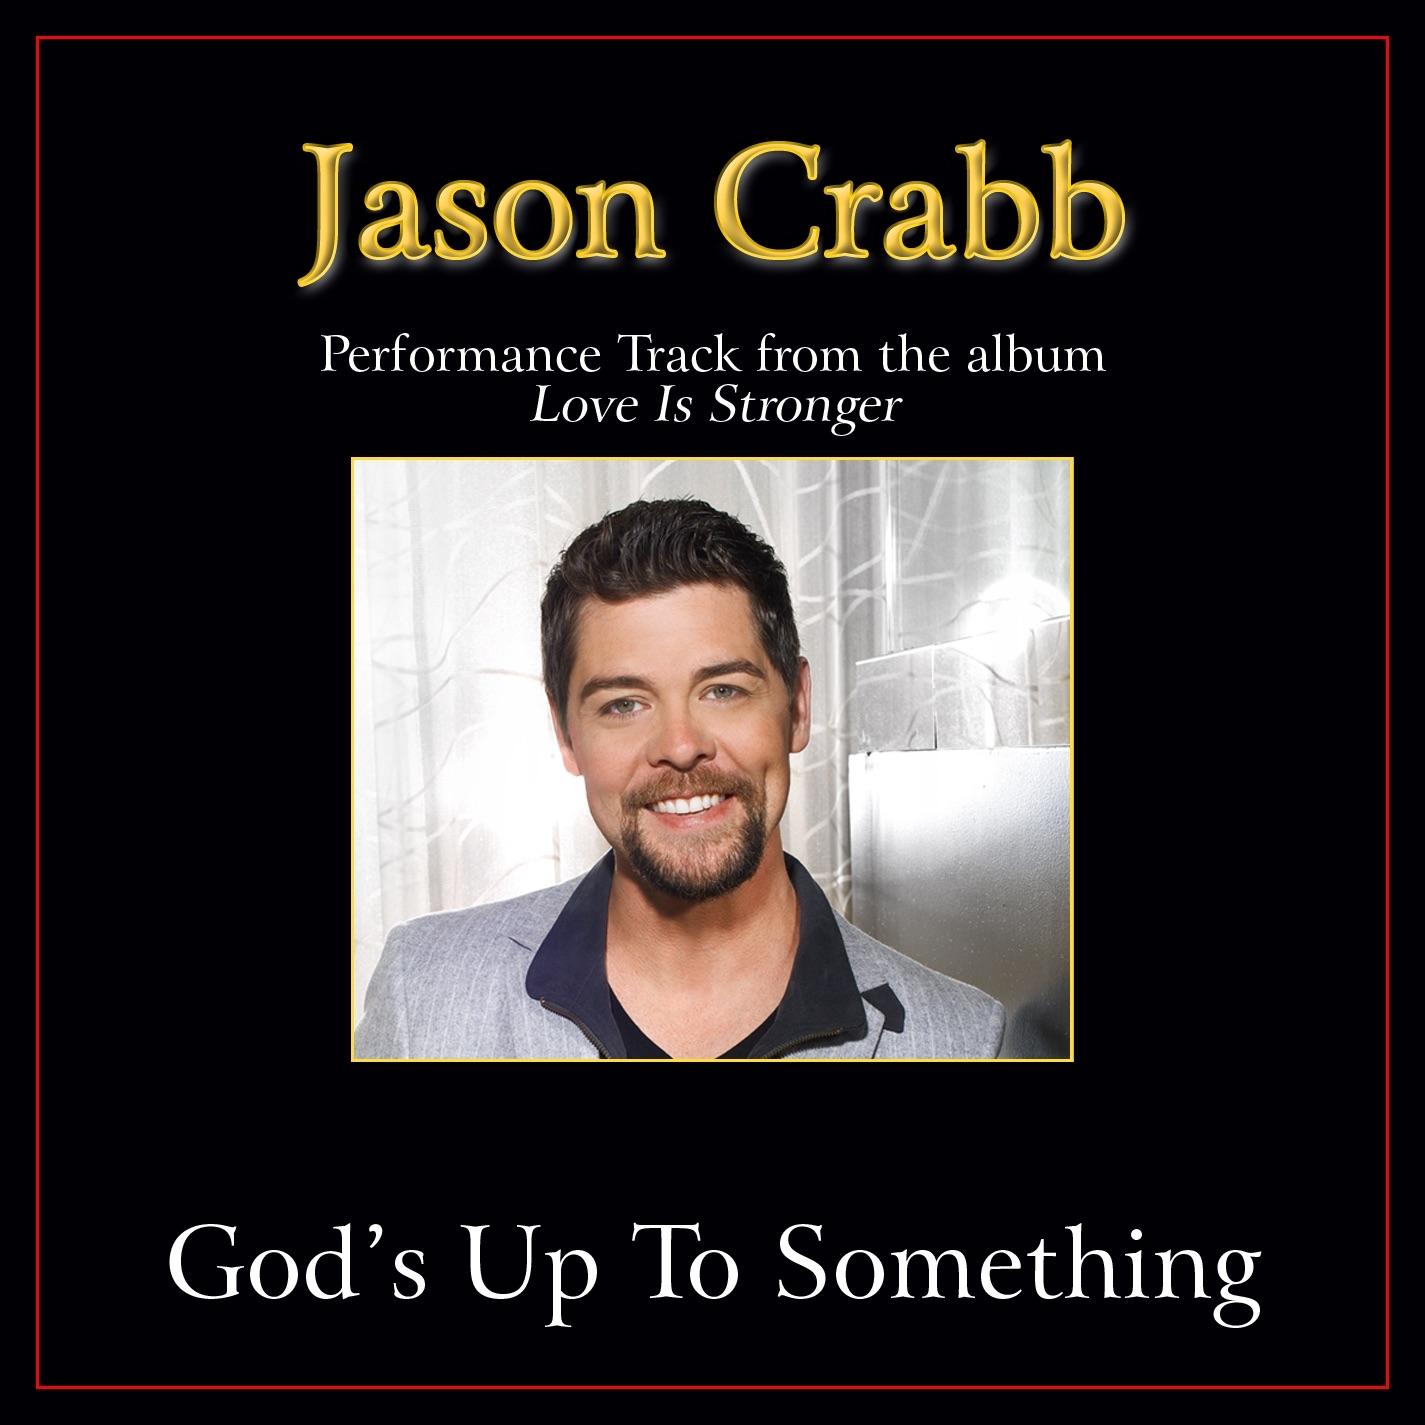 God's Up to Something Performance Tracks - Single